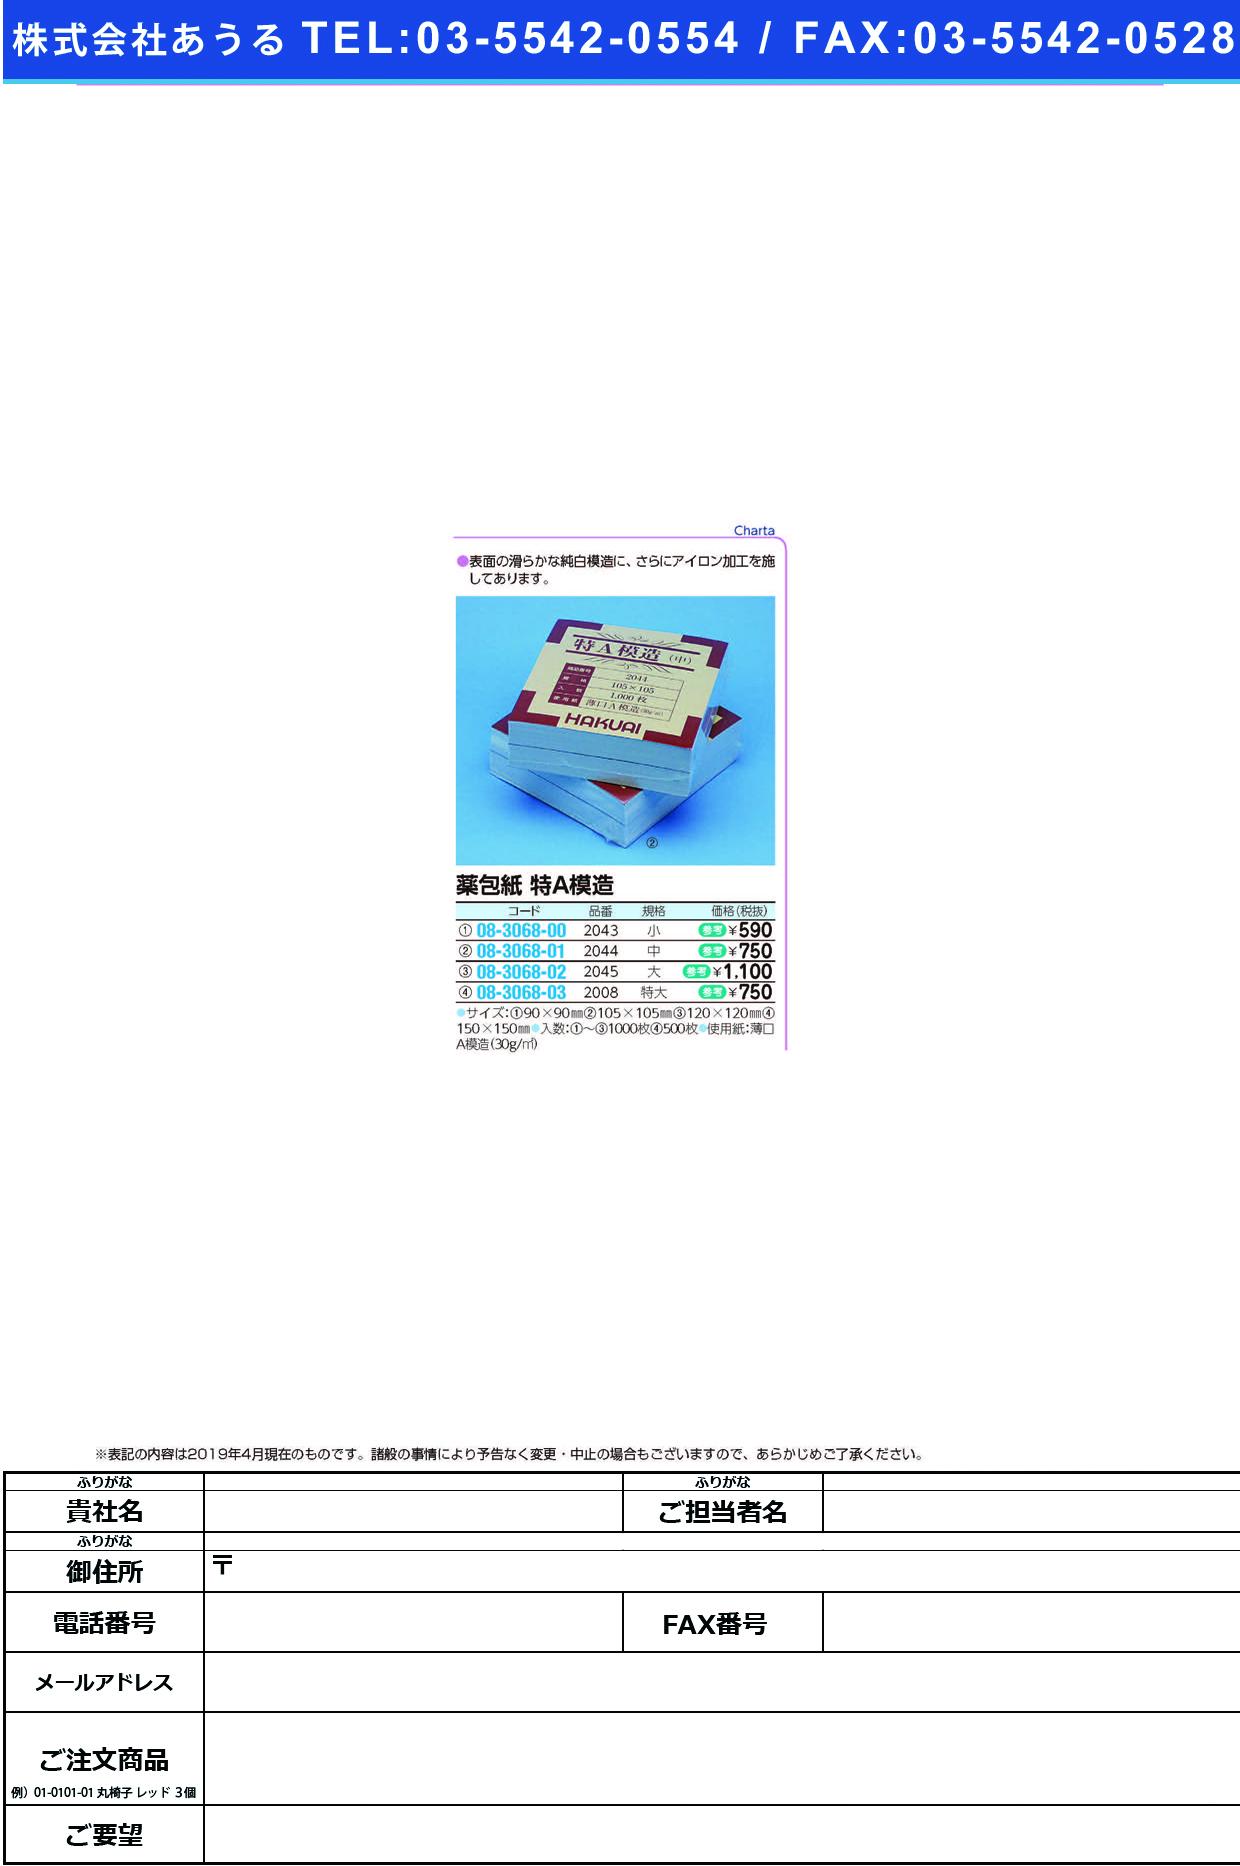 薬包紙(特A模造)特大 2008(150X150)500マイ ヤクホウシ(トクAモゾウ)トクダイ